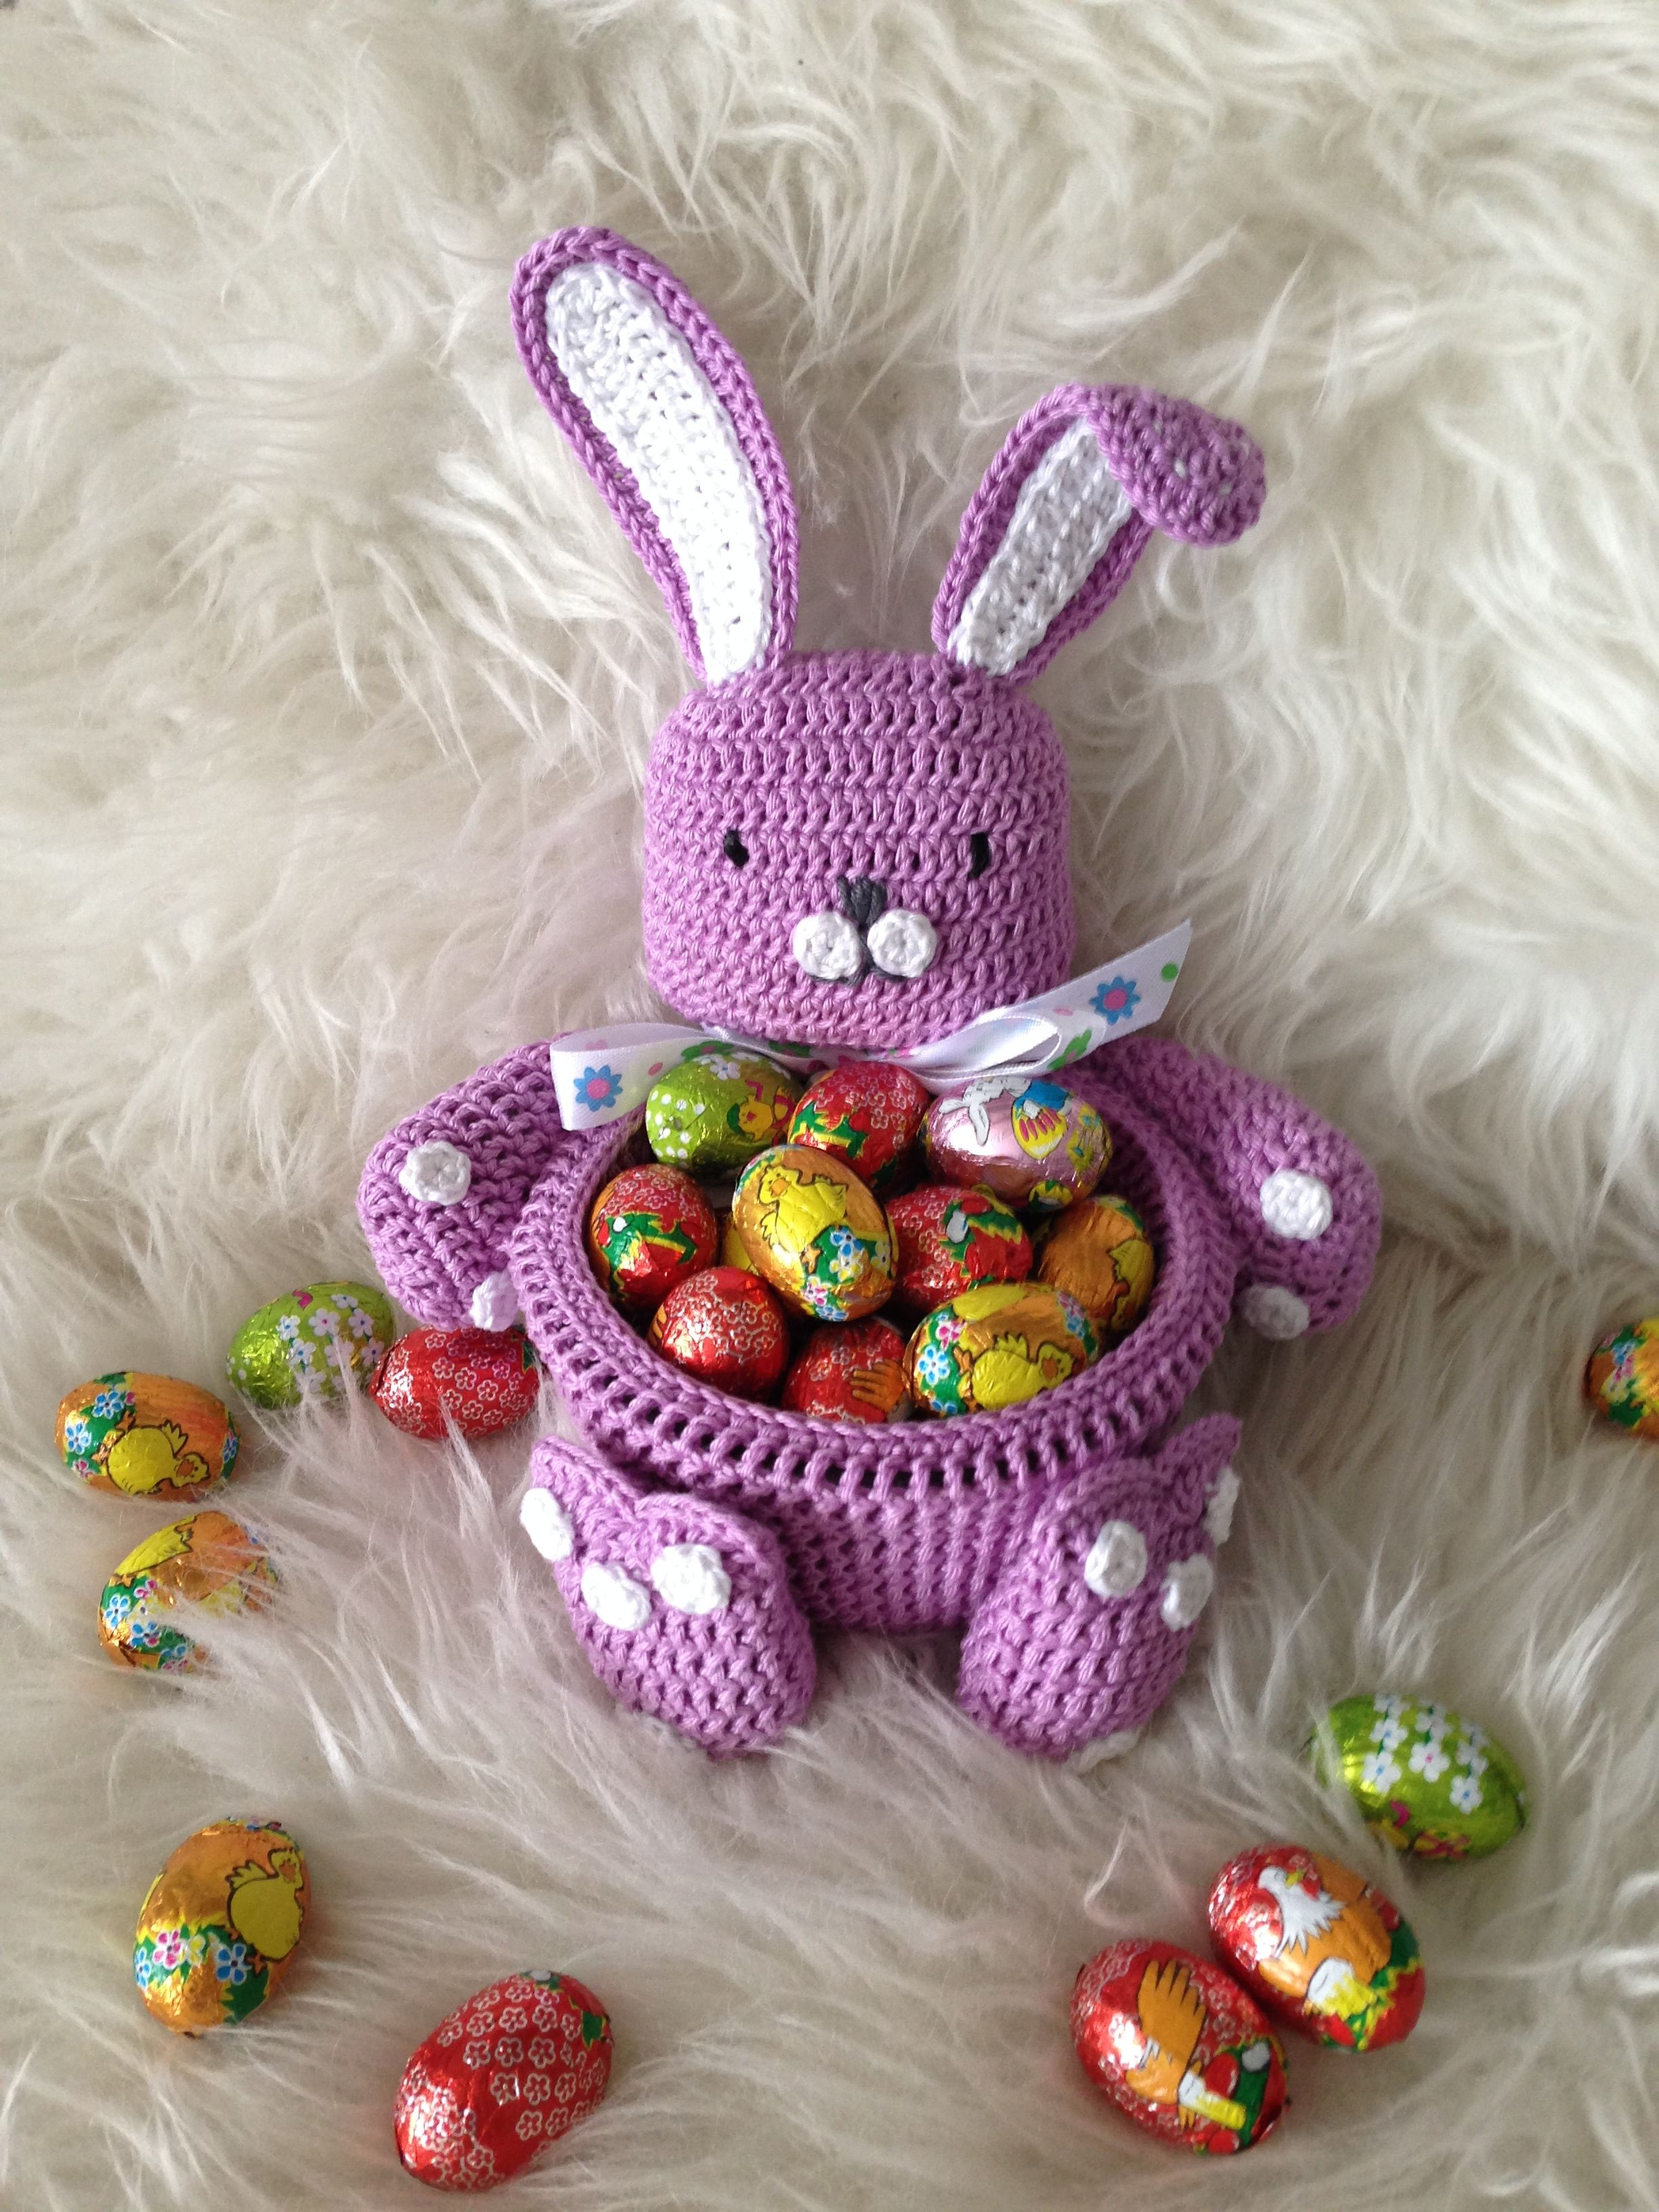 Gehaakte paashaas #crochet easter bunny   crochet ...